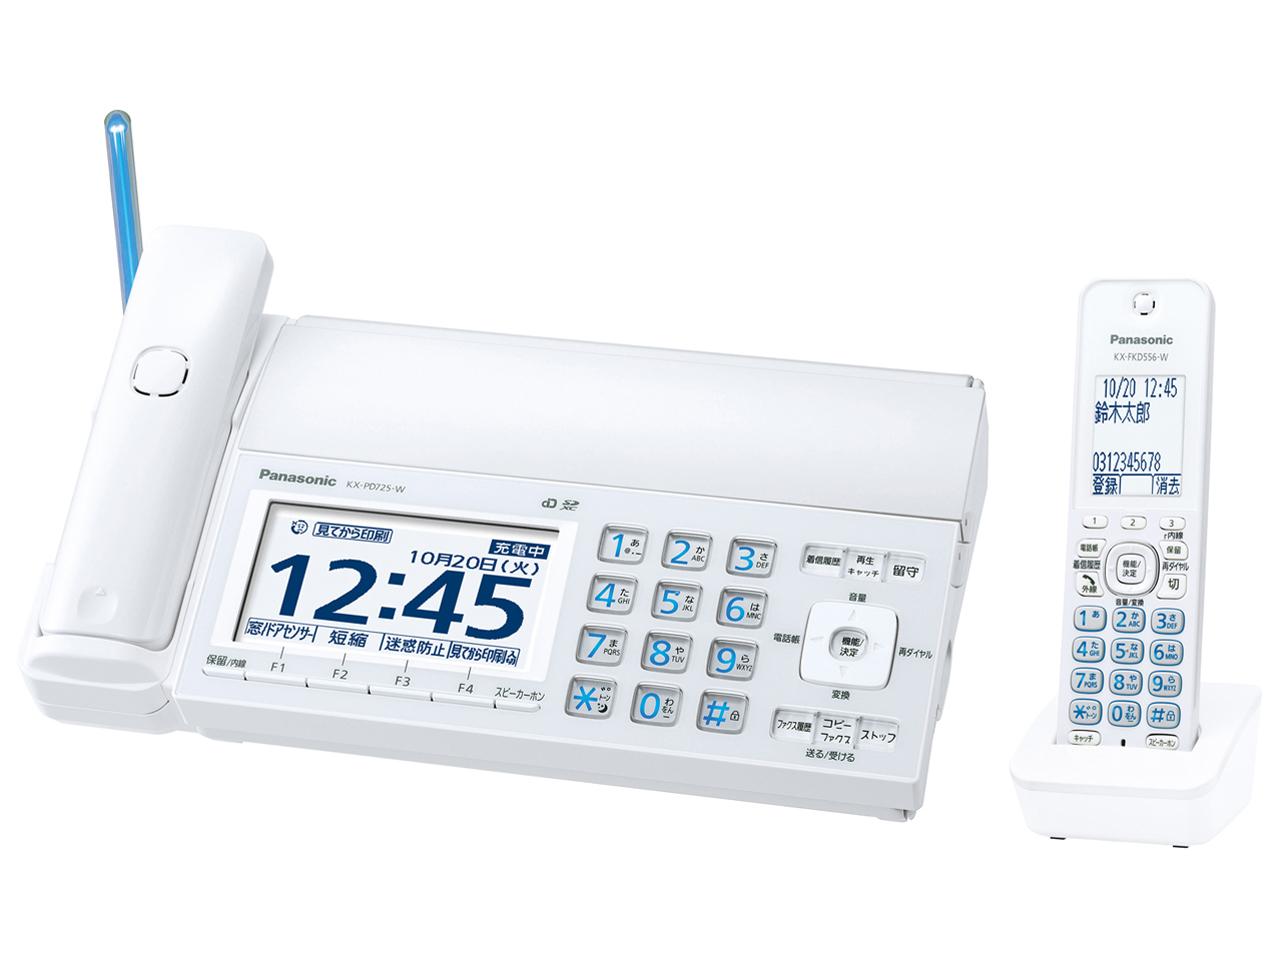 おたっくす KX-PD725DL-W [ホワイト] の製品画像